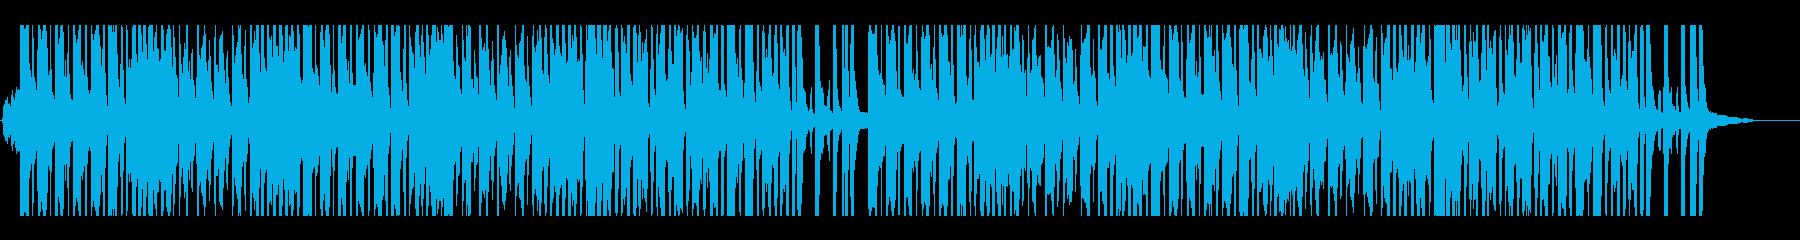 幸せで陽気なヨーロッパのアコーディオンの再生済みの波形